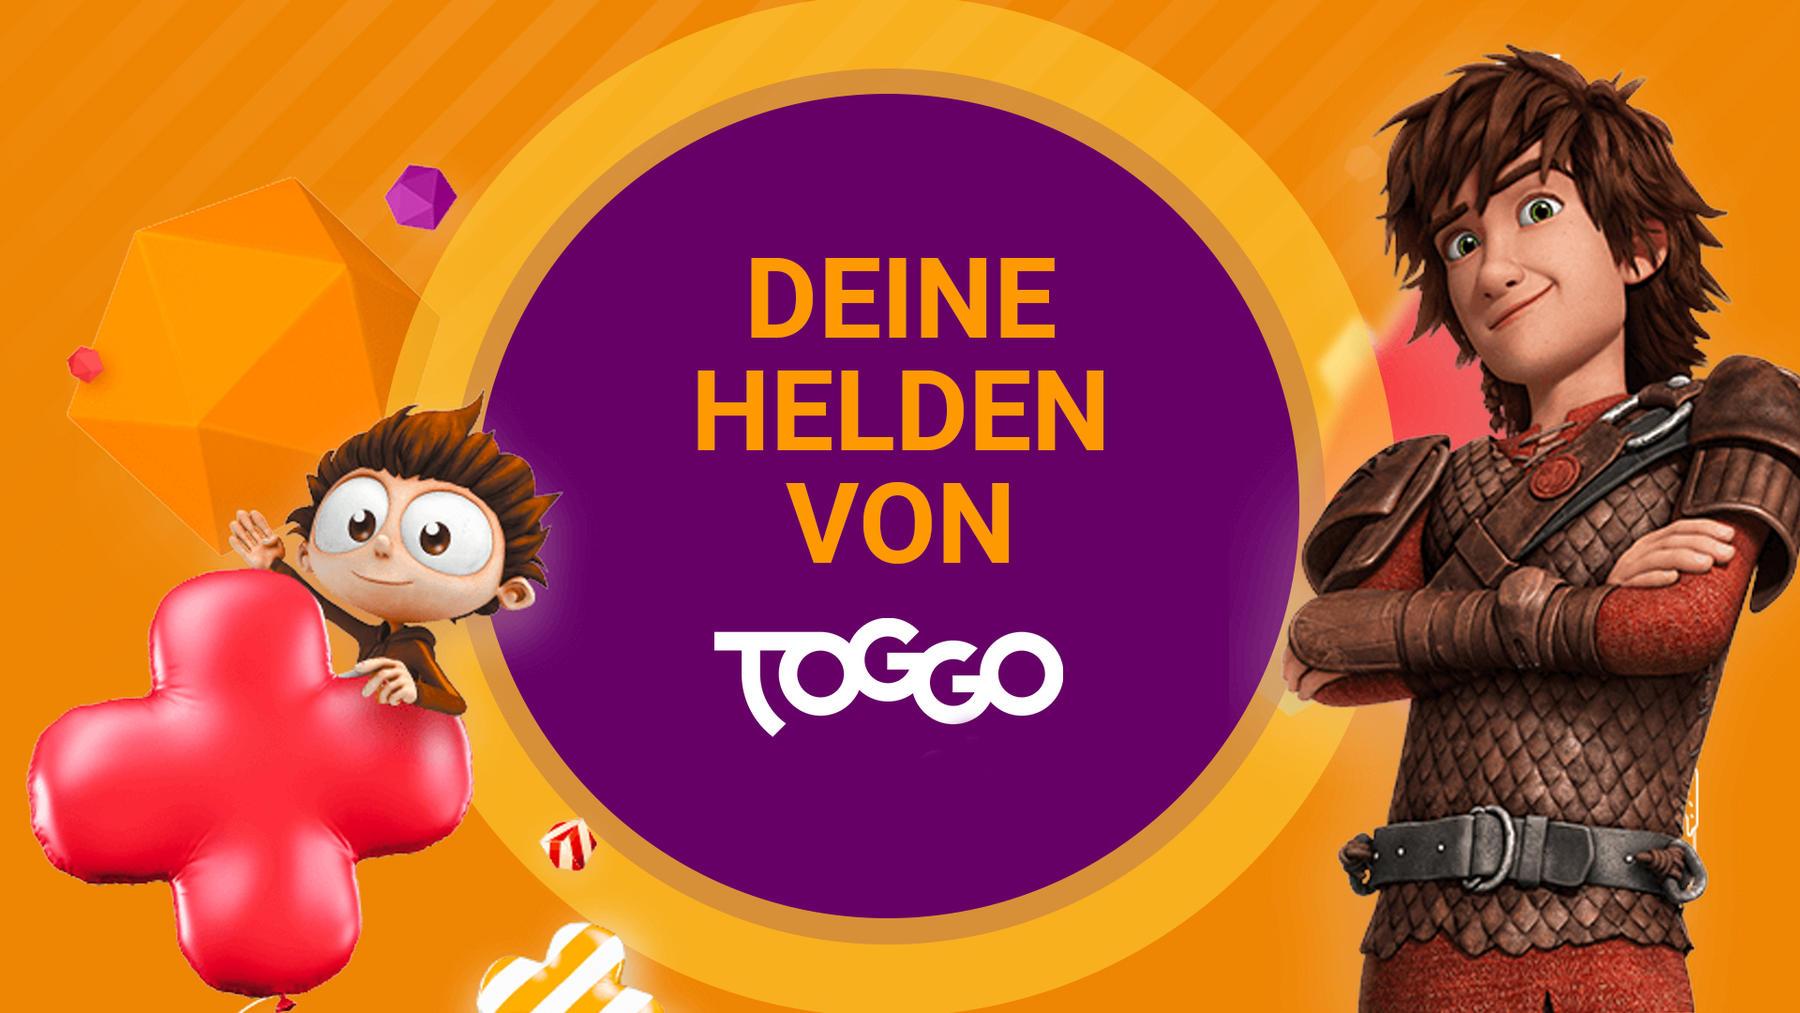 Deine Helden von Toggo